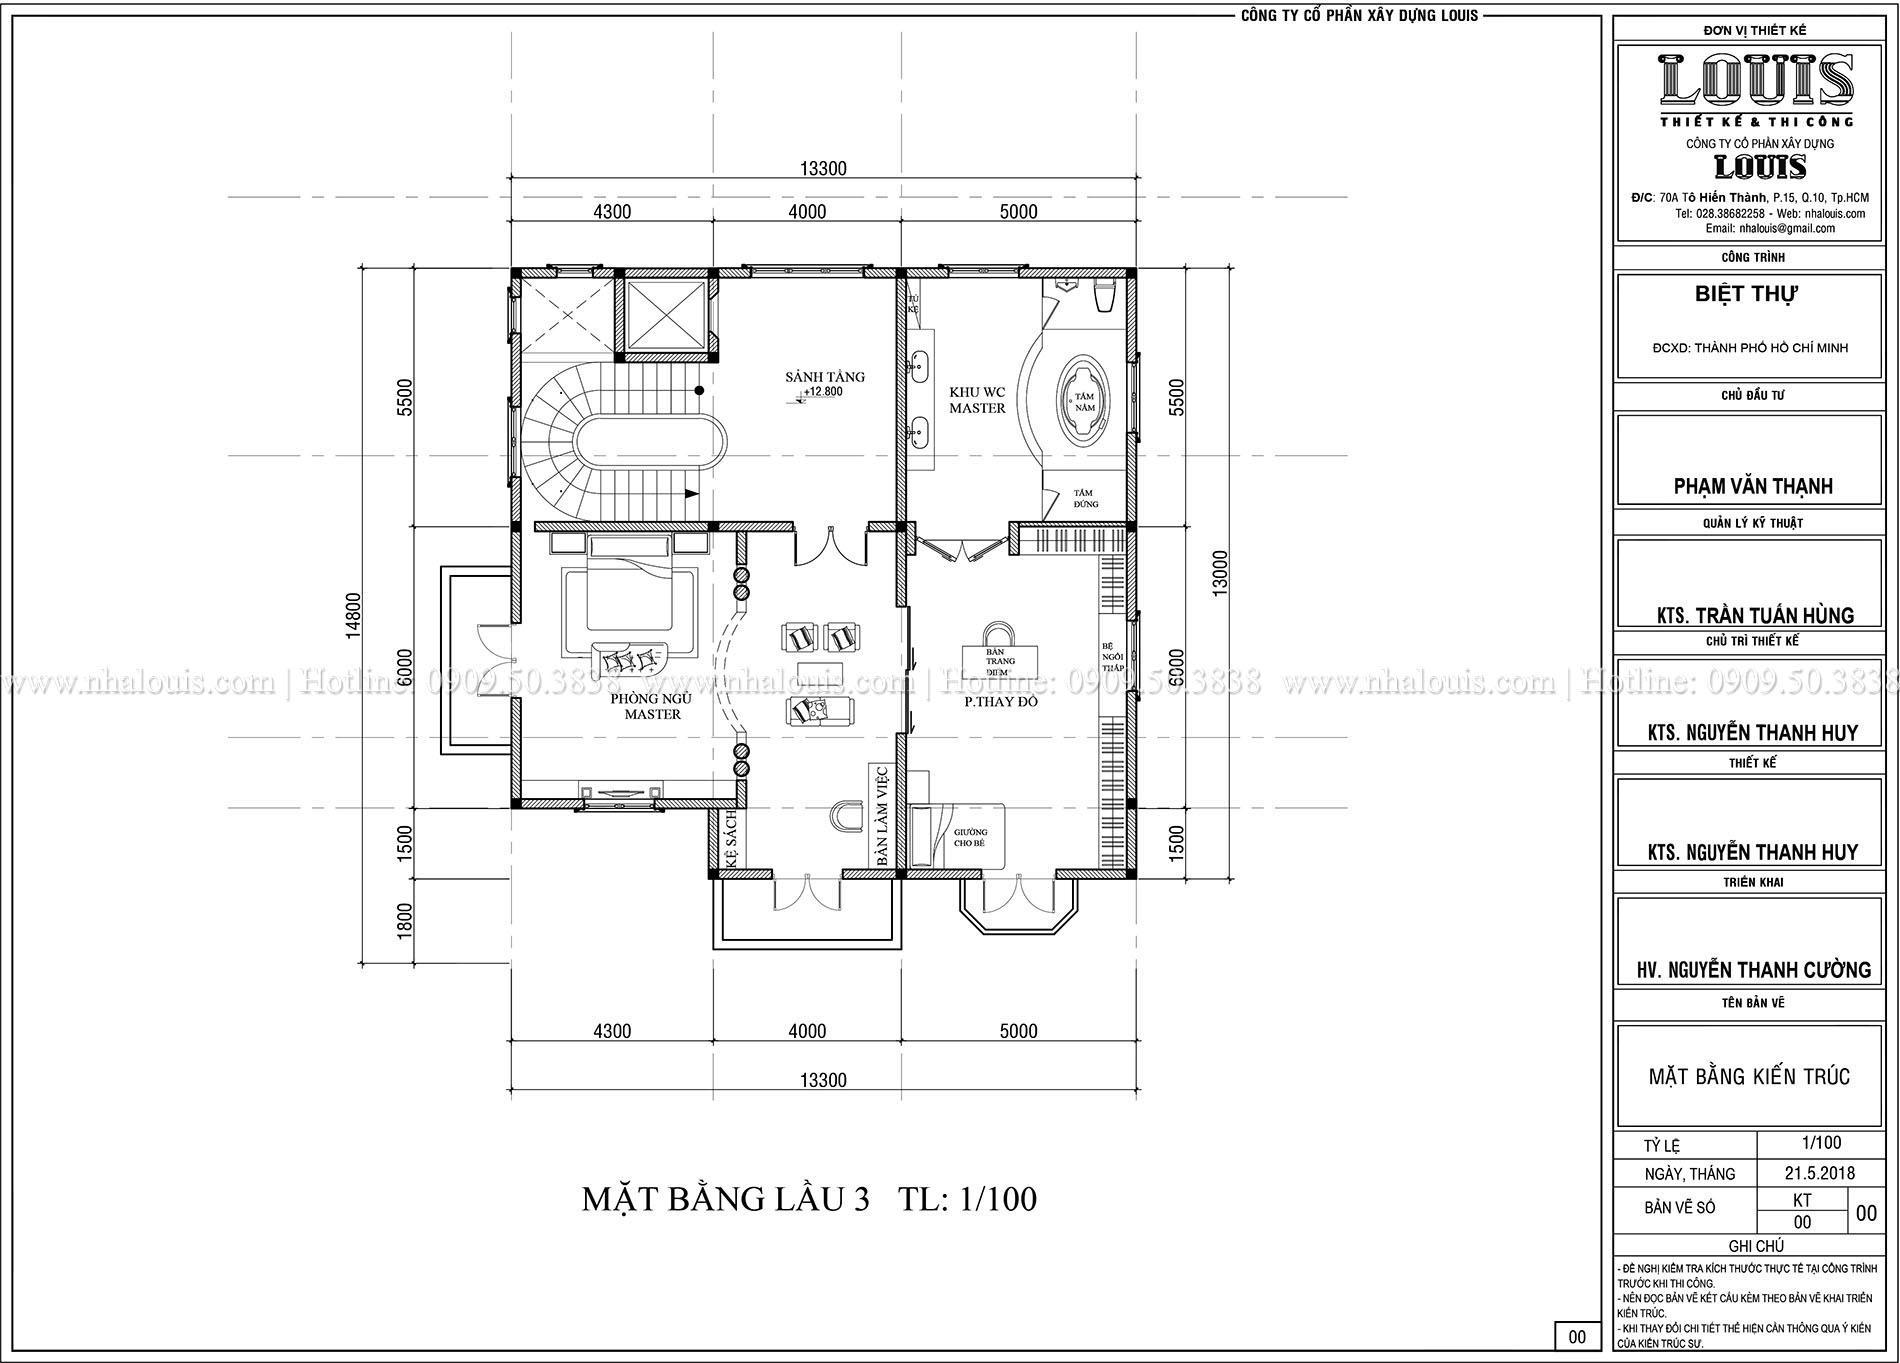 Mặt bằng lầu 3 Biệt thự Châu Âu cổ điển chuẩn sang chảnh tại Nhà Bè - 025a